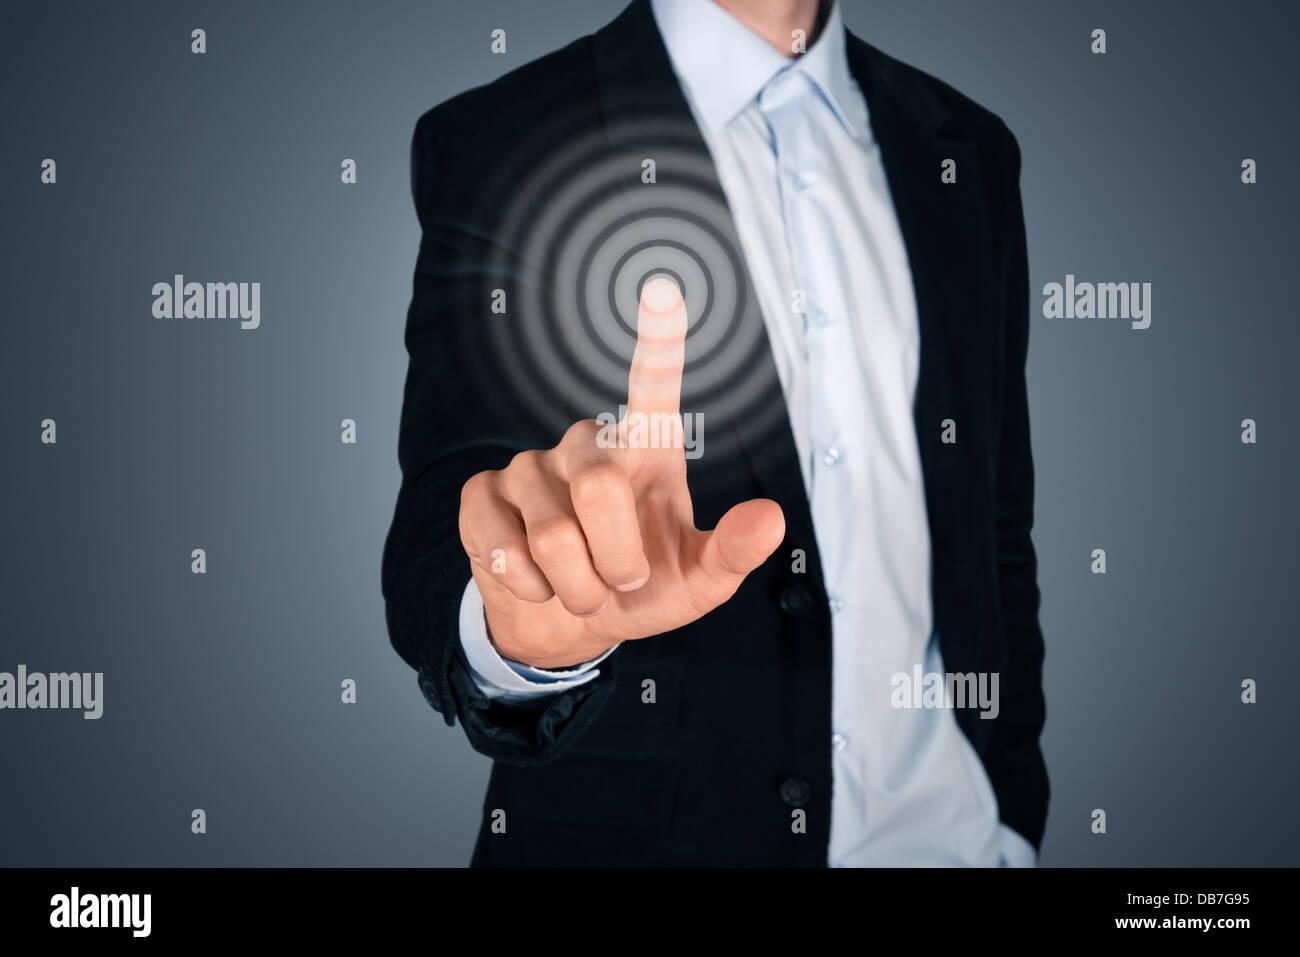 Portrait de l'entreprise personne touchant le bouton écran invisible. Concept d'écran tactile Photo Stock